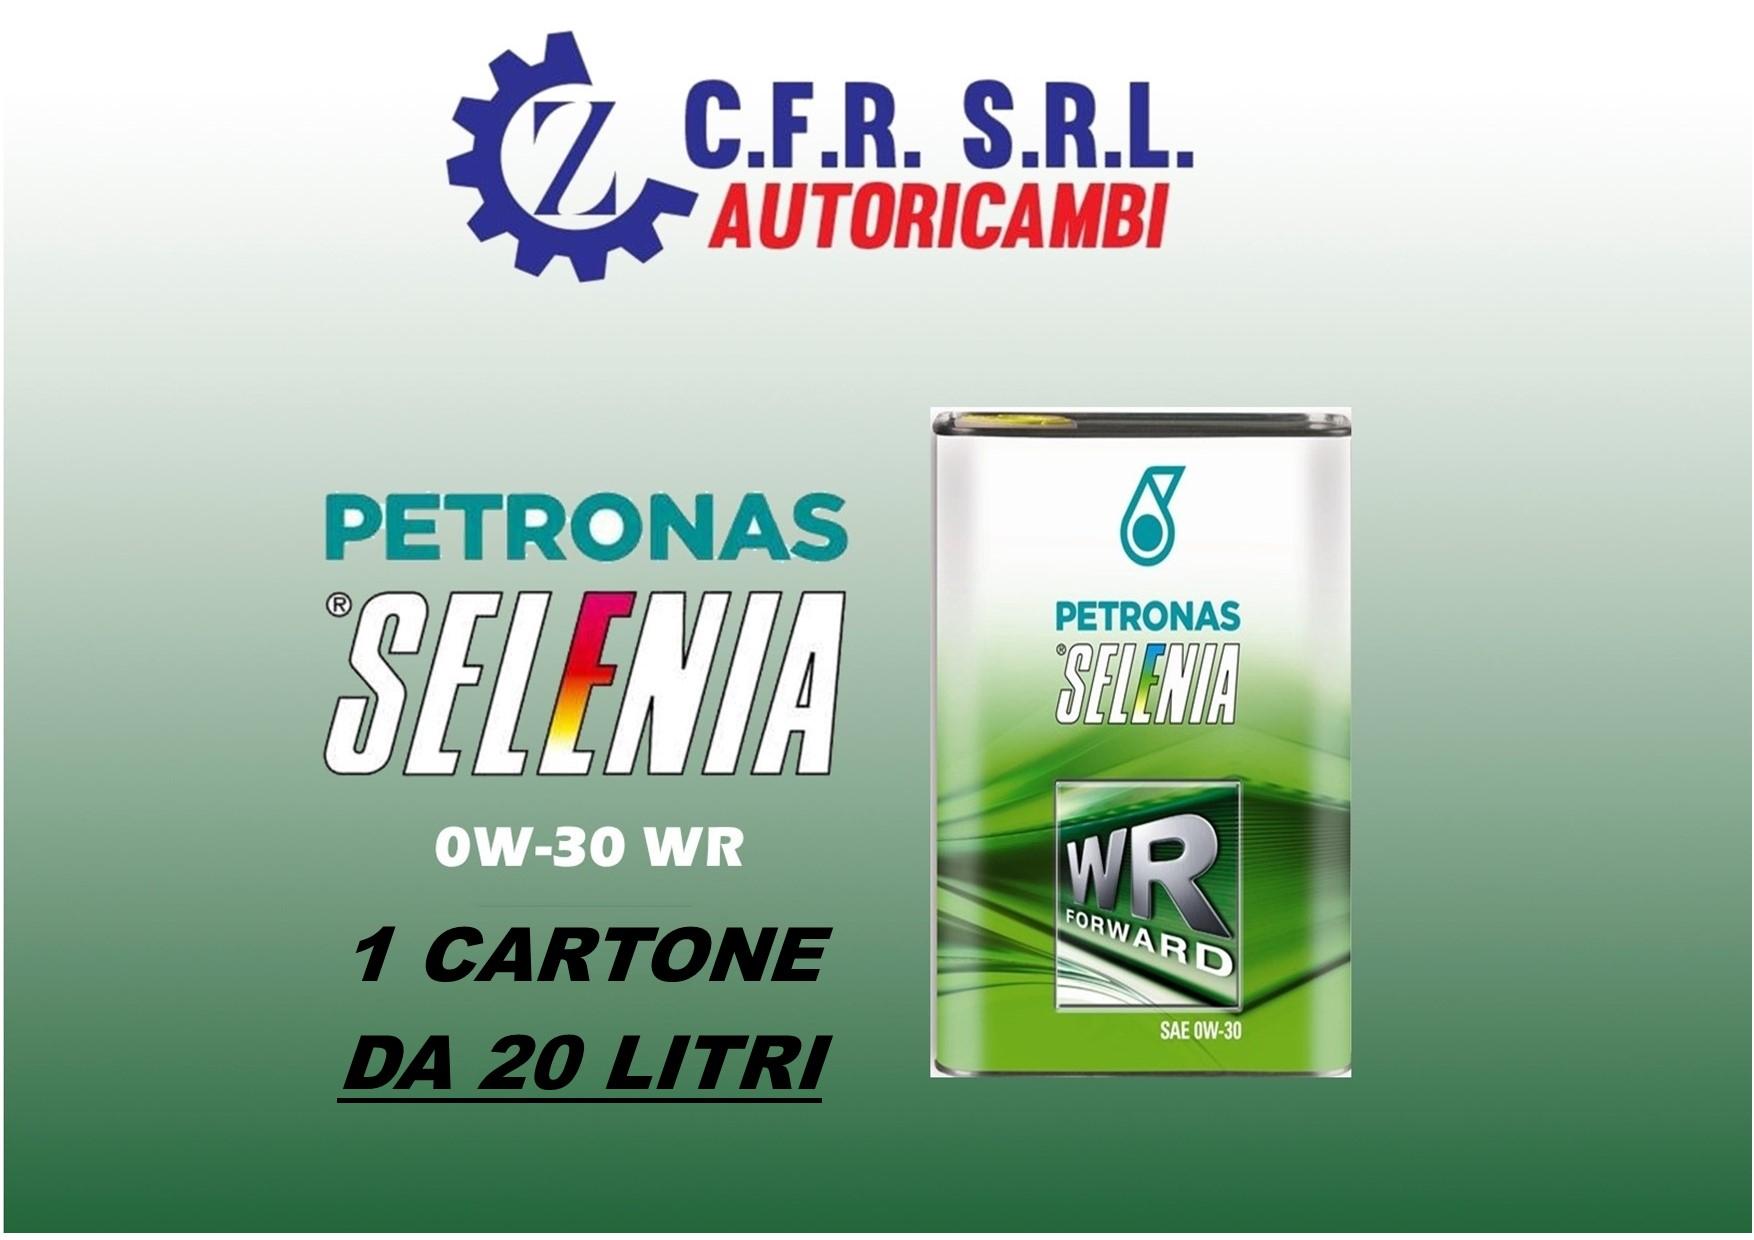 20 PZ OLIO LUBRIFICANTE SELENIA WR FORWARD 0W-30 DA 1 LITRO